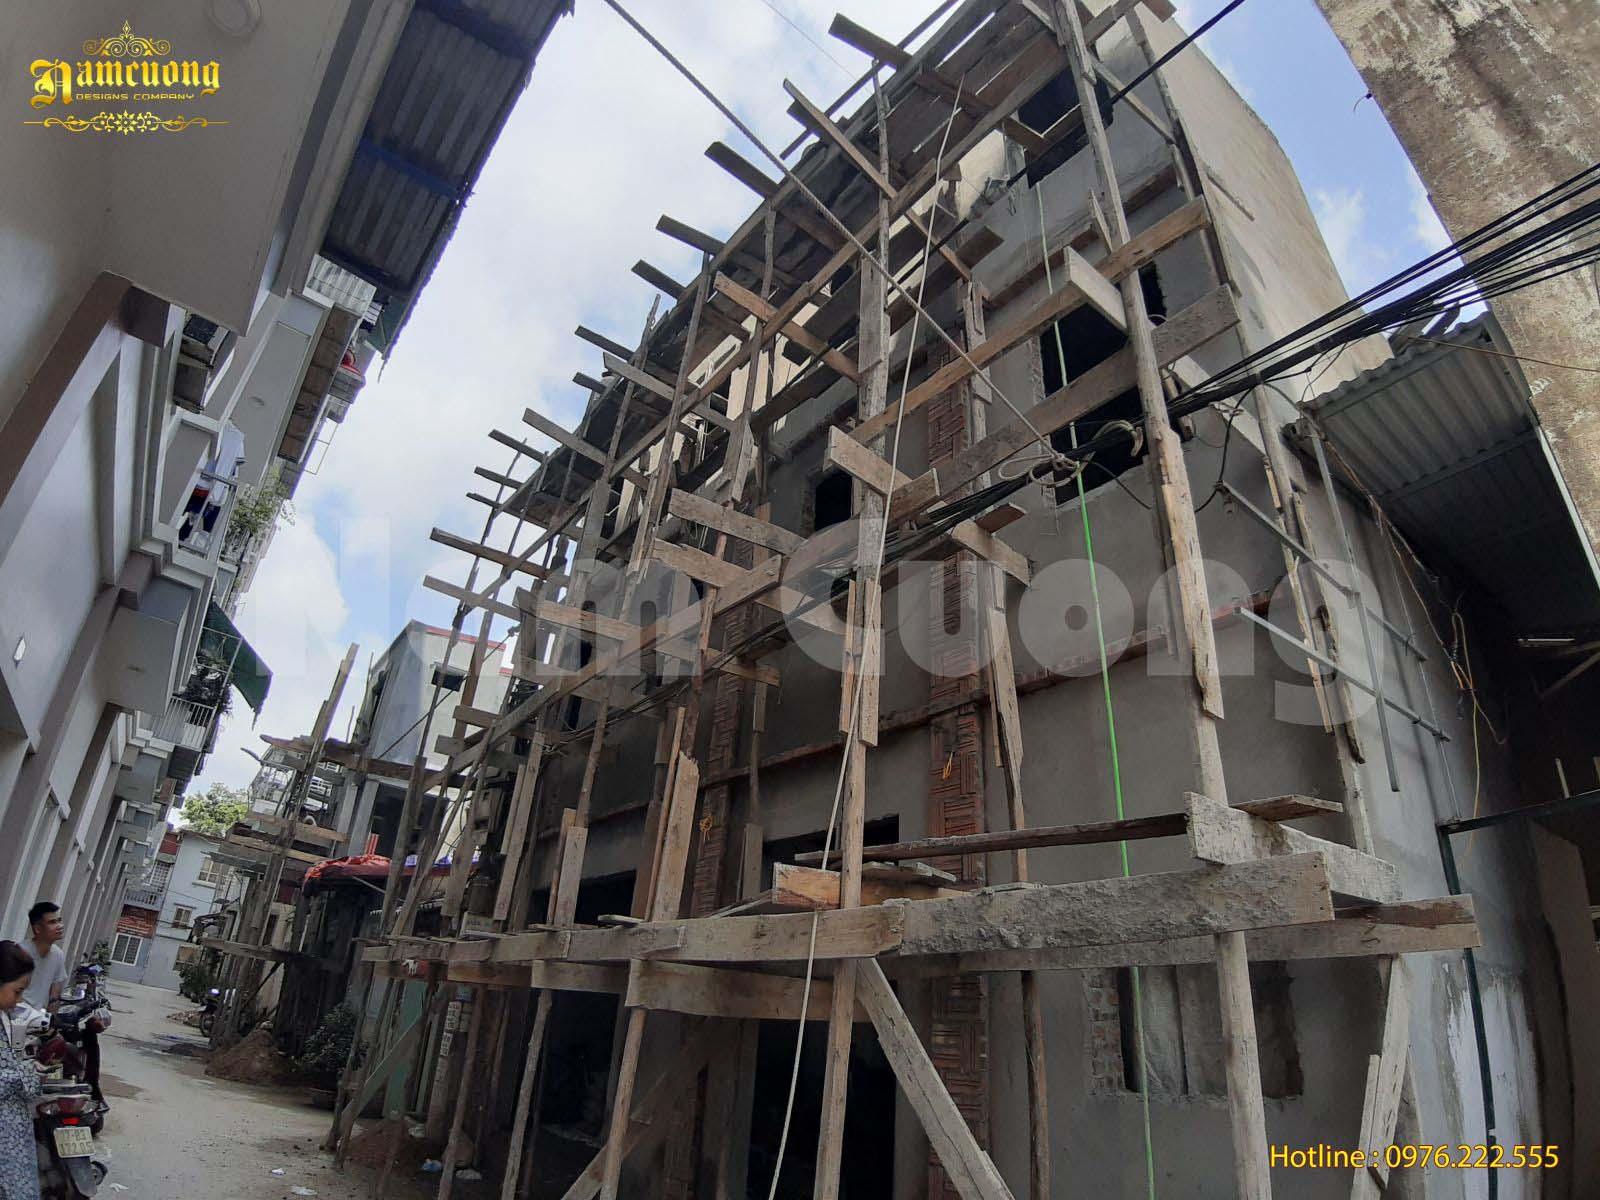 Thi công nhà đẹp- Cải tạo nhà nhỏ 3 tầng tại Hải Phòng